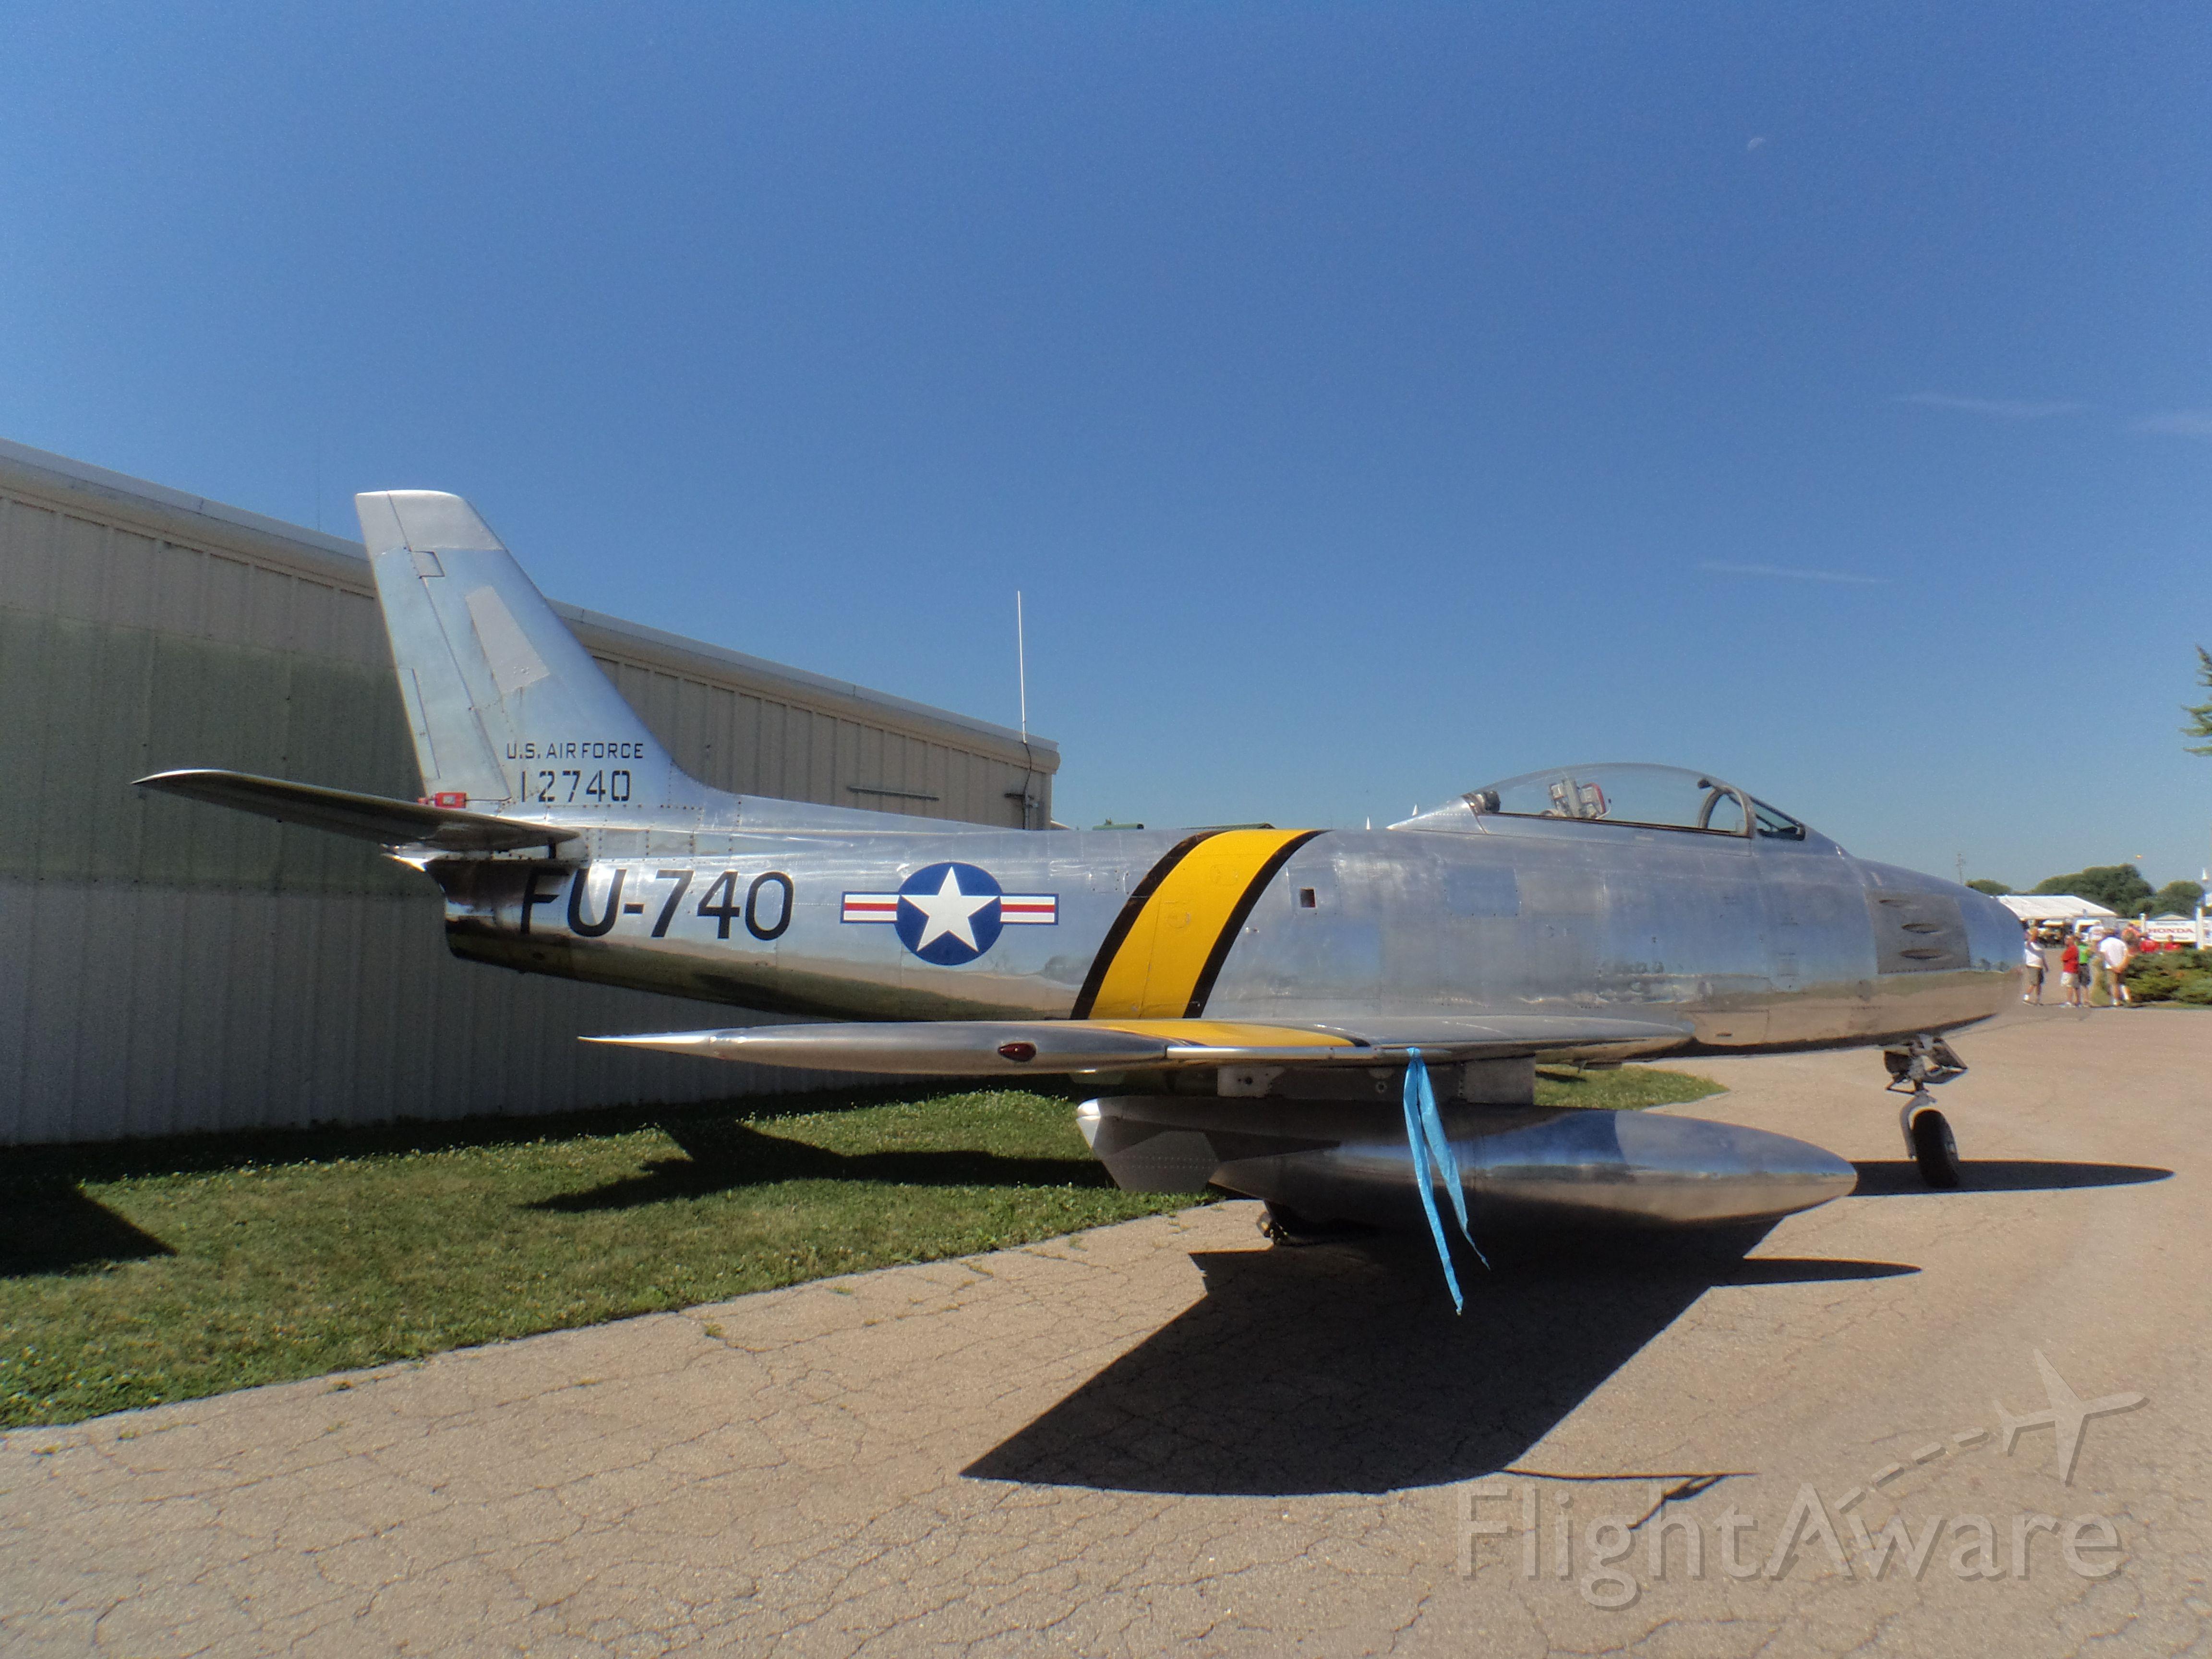 51-2740 — - North American F-86E Sabre